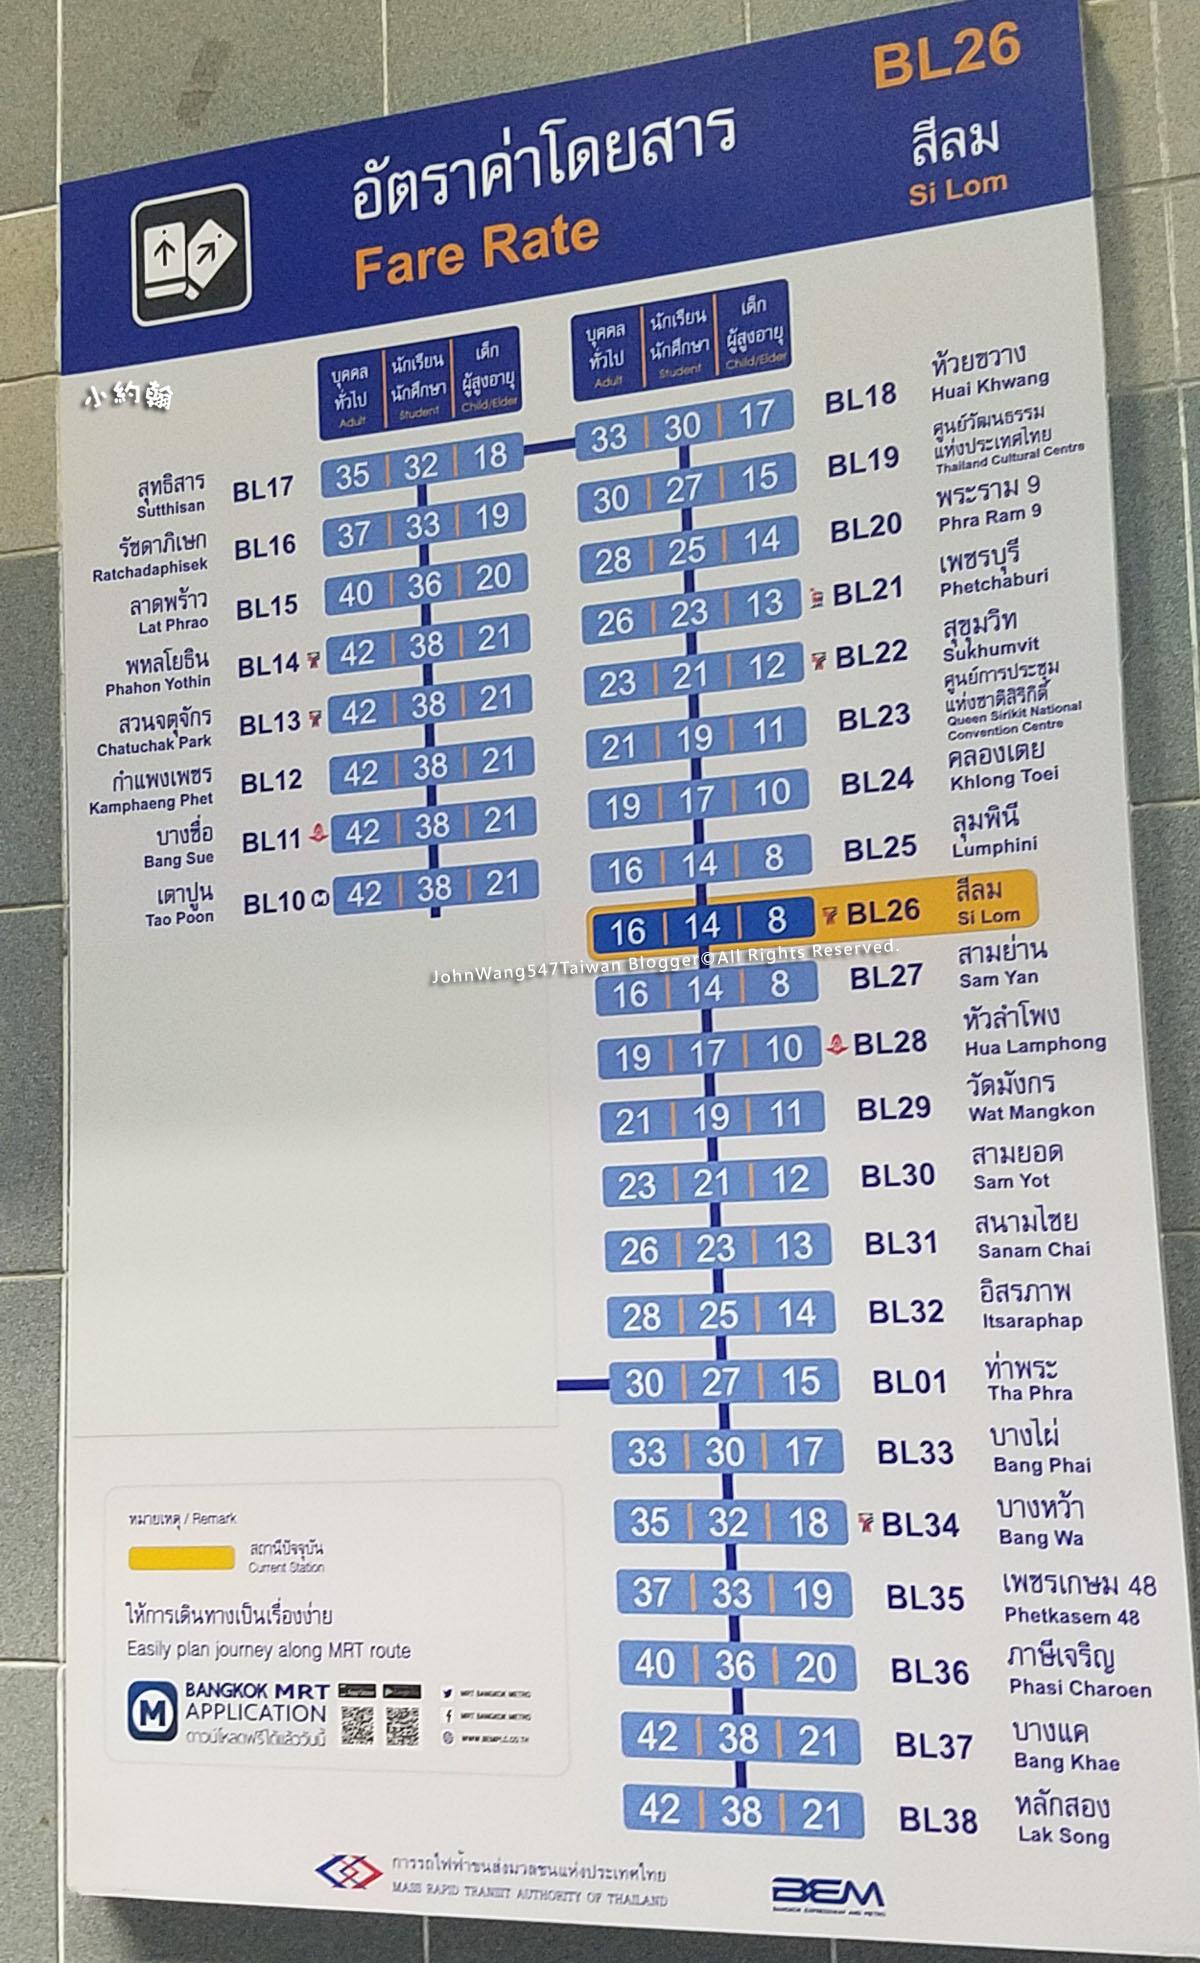 曼谷MRT票價表Silom站出發2019年